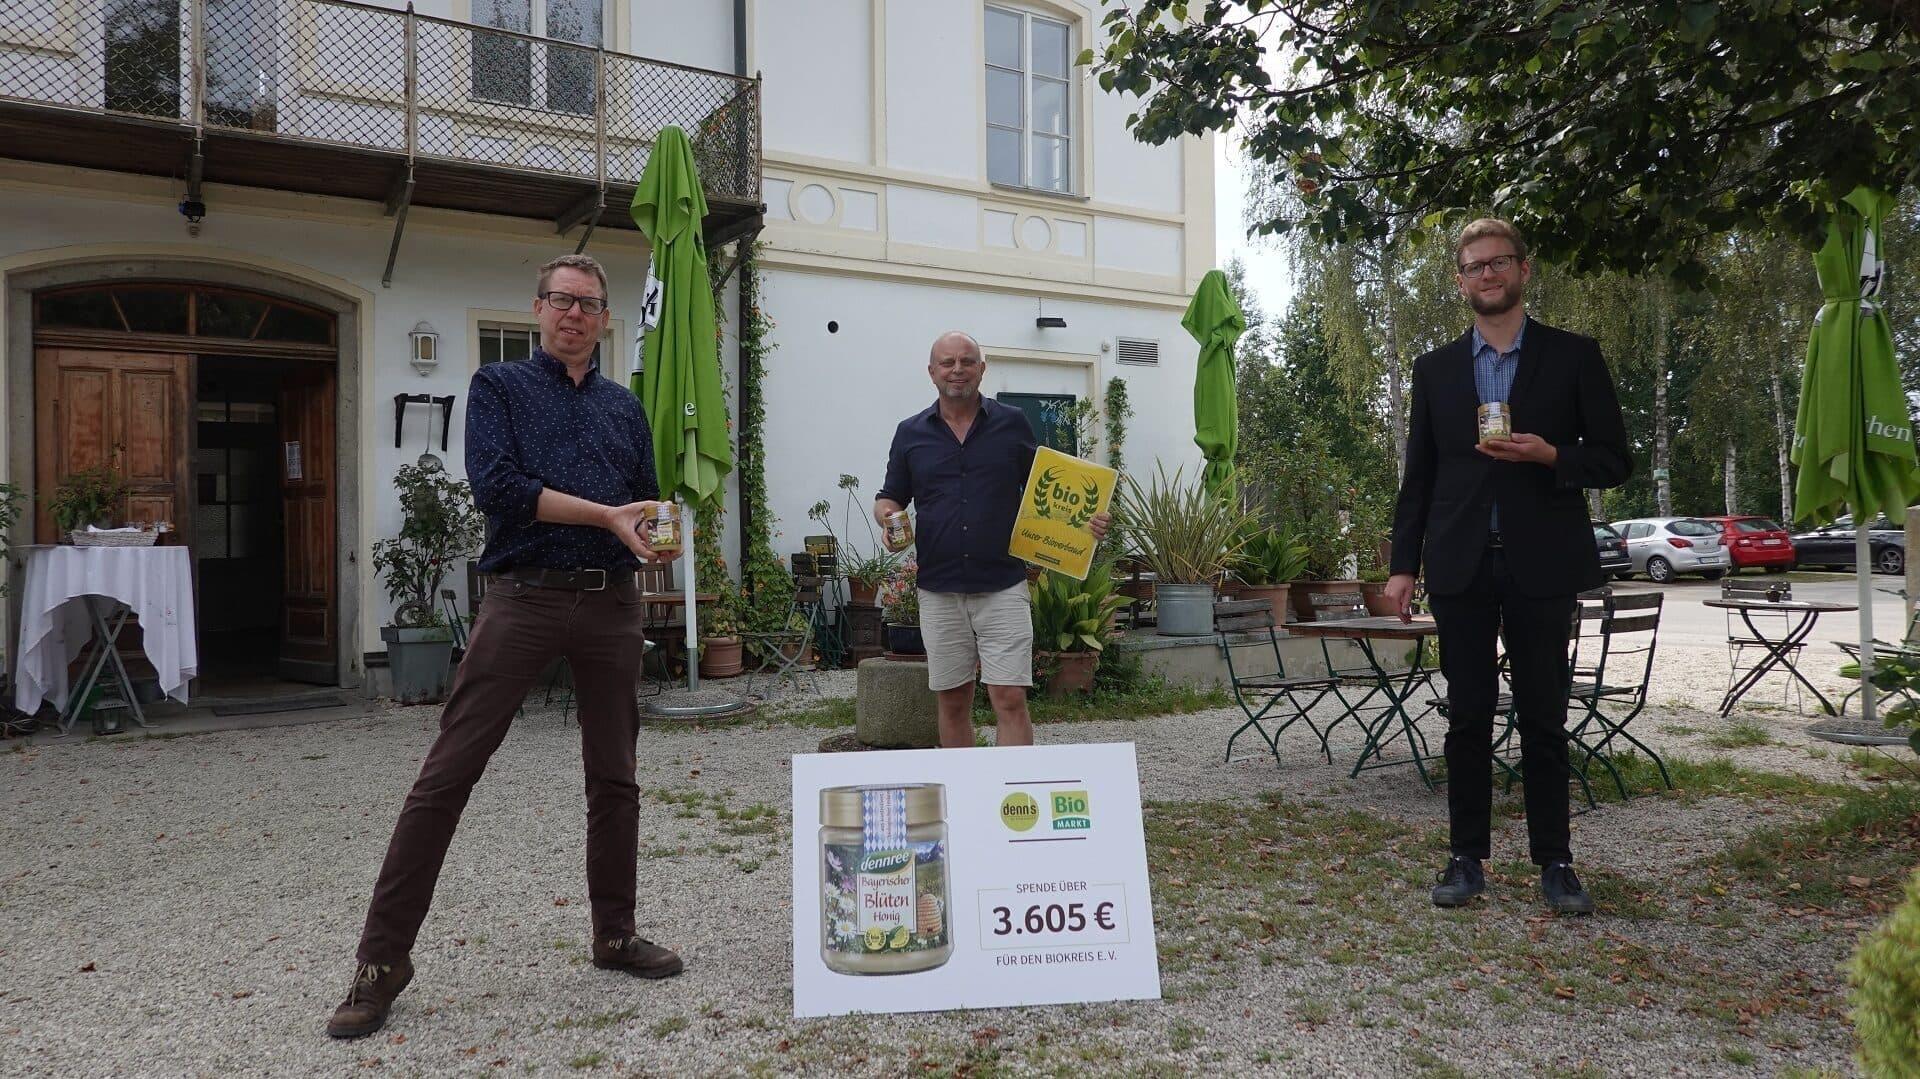 Marc Schüller (Imkerberater Biokreis, links) und Sepp Brunnbauer (Geschäftsführer Biokreis) nehmen die Spende von Adrian Knirlberger (Interessengemeinschaft Biomarkt) entgegen.